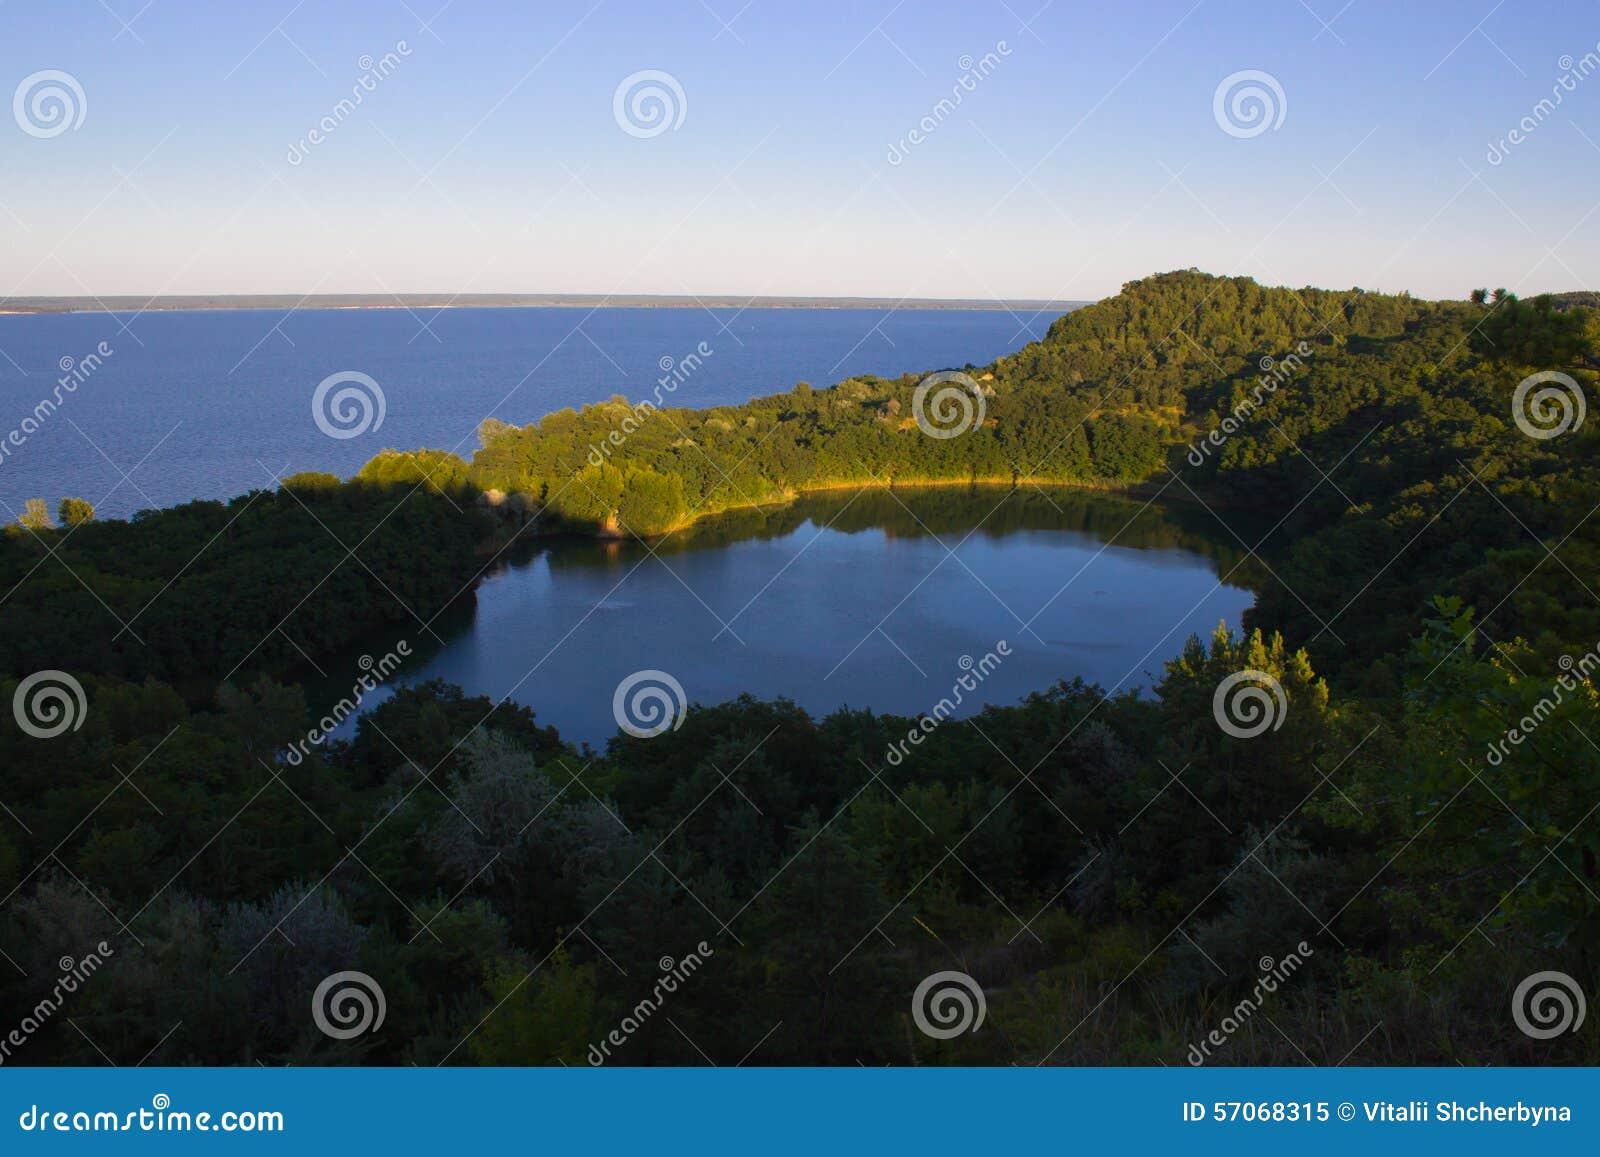 Eden Lake Blauwe lagune